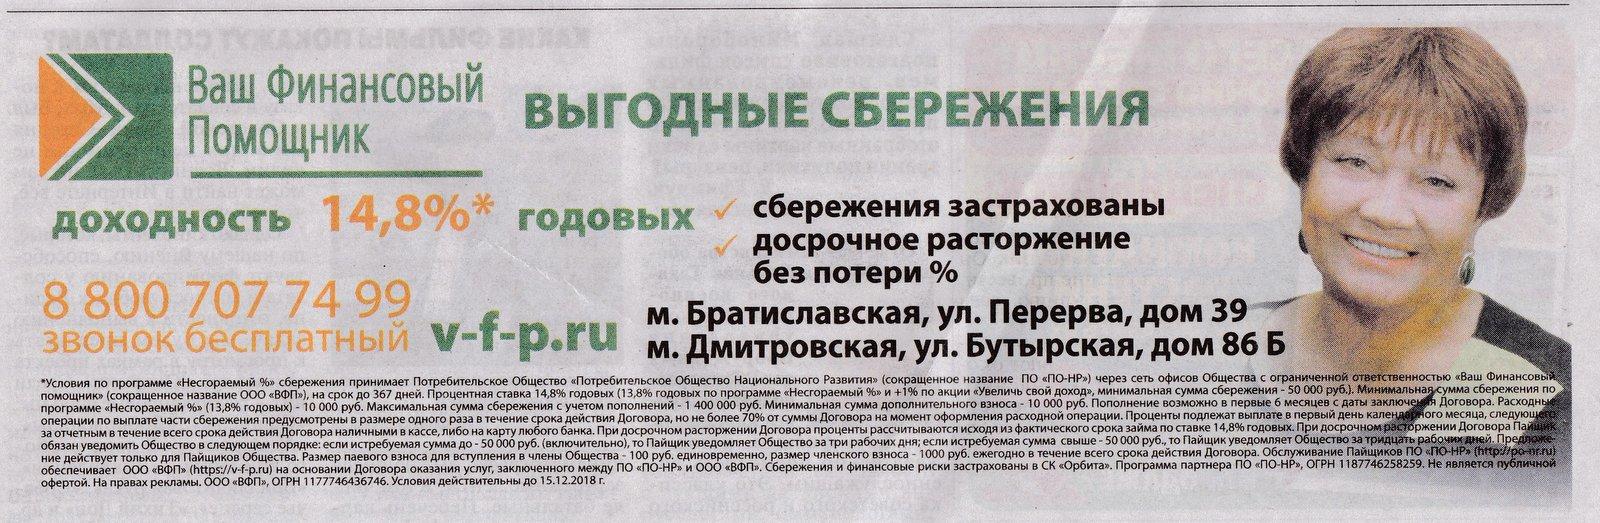 «Ваш финансовый помощник» (агент ПОНР): признаки финансовой пирамиды